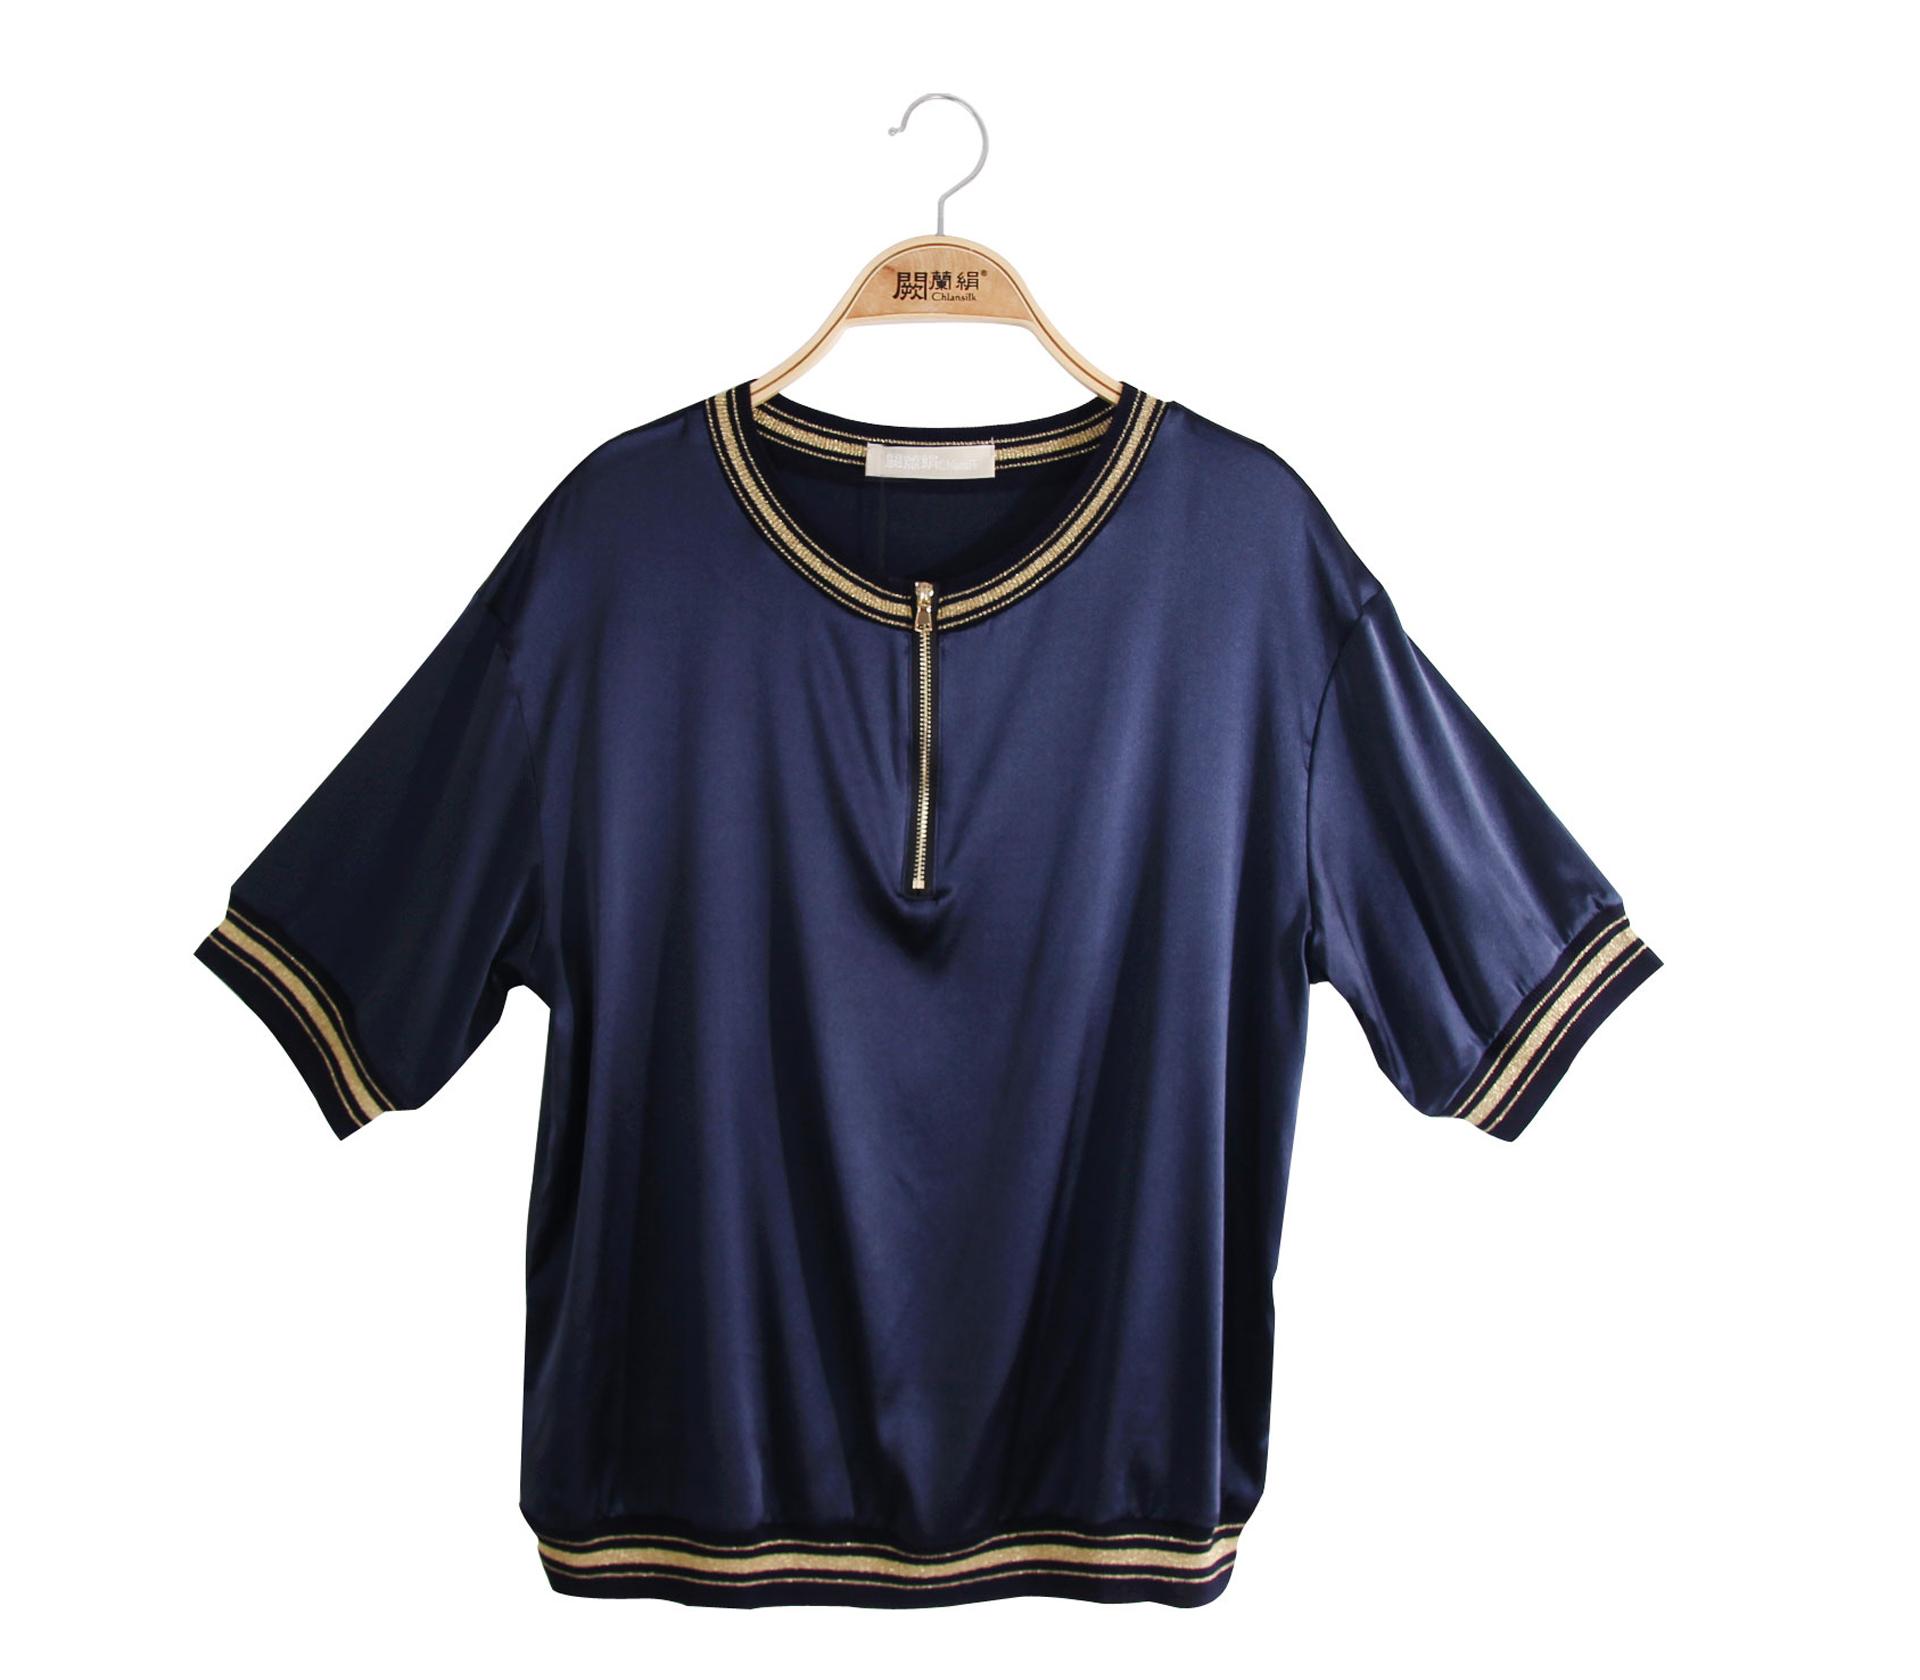 闕蘭絹典雅拉鍊設計蠶絲上衣 - 藍色 - 6624